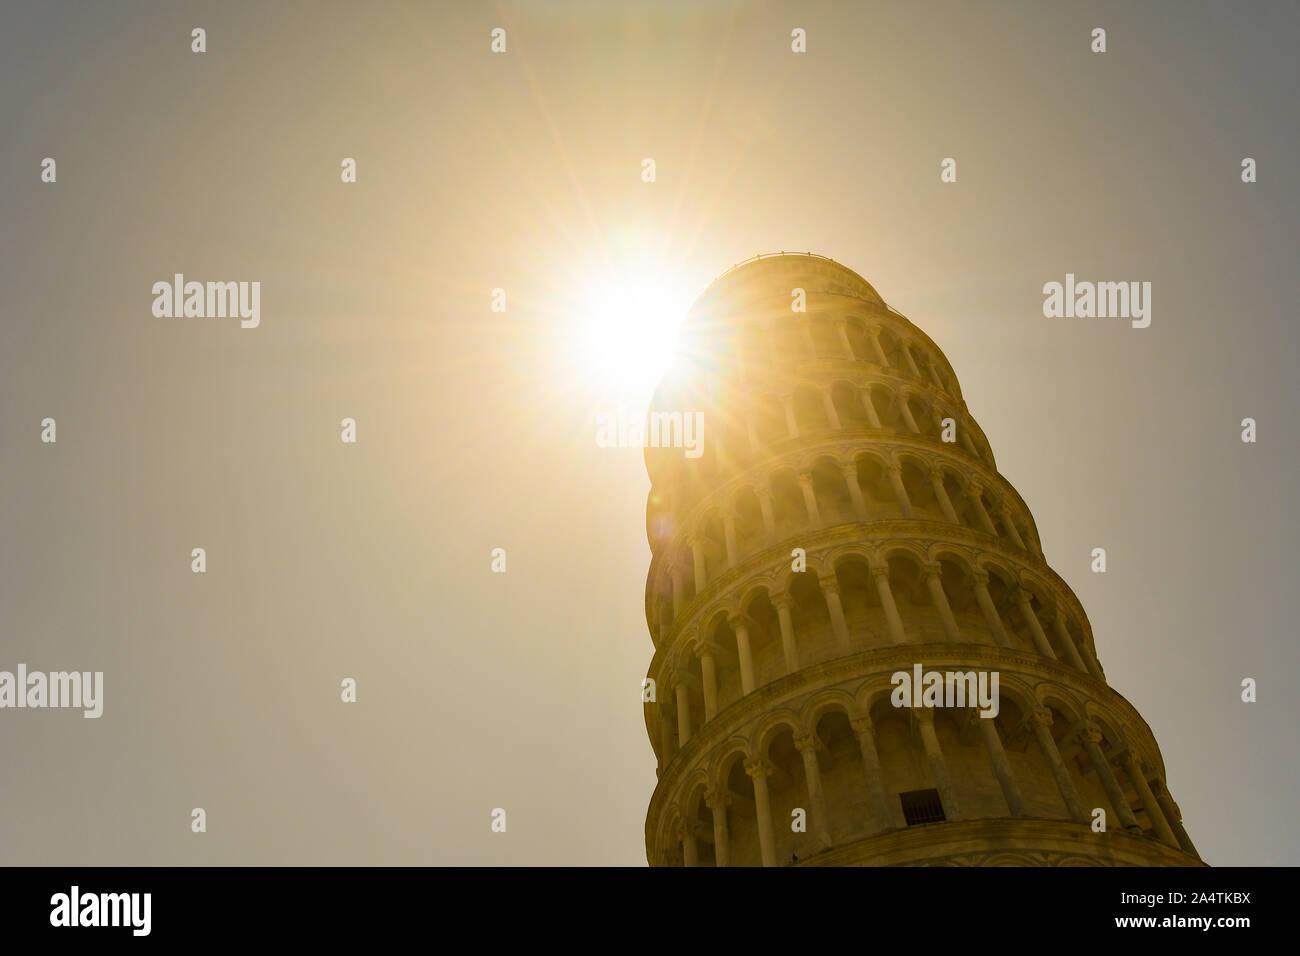 Ver retroiluminado de la Torre Inclinada de Pisa, el autoestables campanario de la Catedral de Santa Maria Assunta en la Piazza dei Miracoli, Toscana, Italia Foto de stock